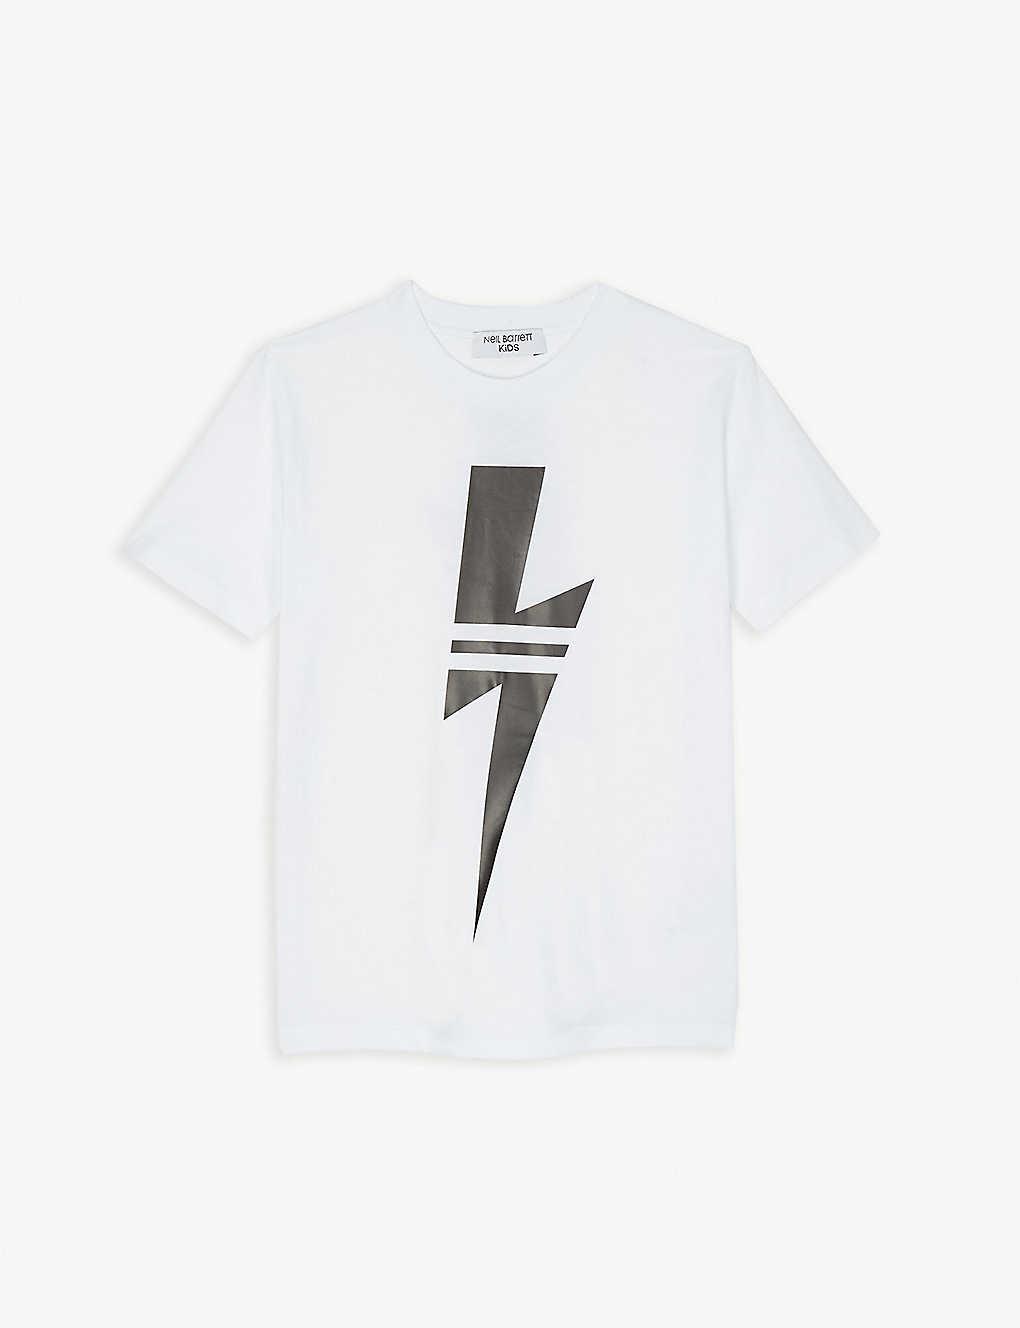 9e6263d2 NEIL BARRETT - Striped lightning bolt cotton T-shirt 4-14 years ...